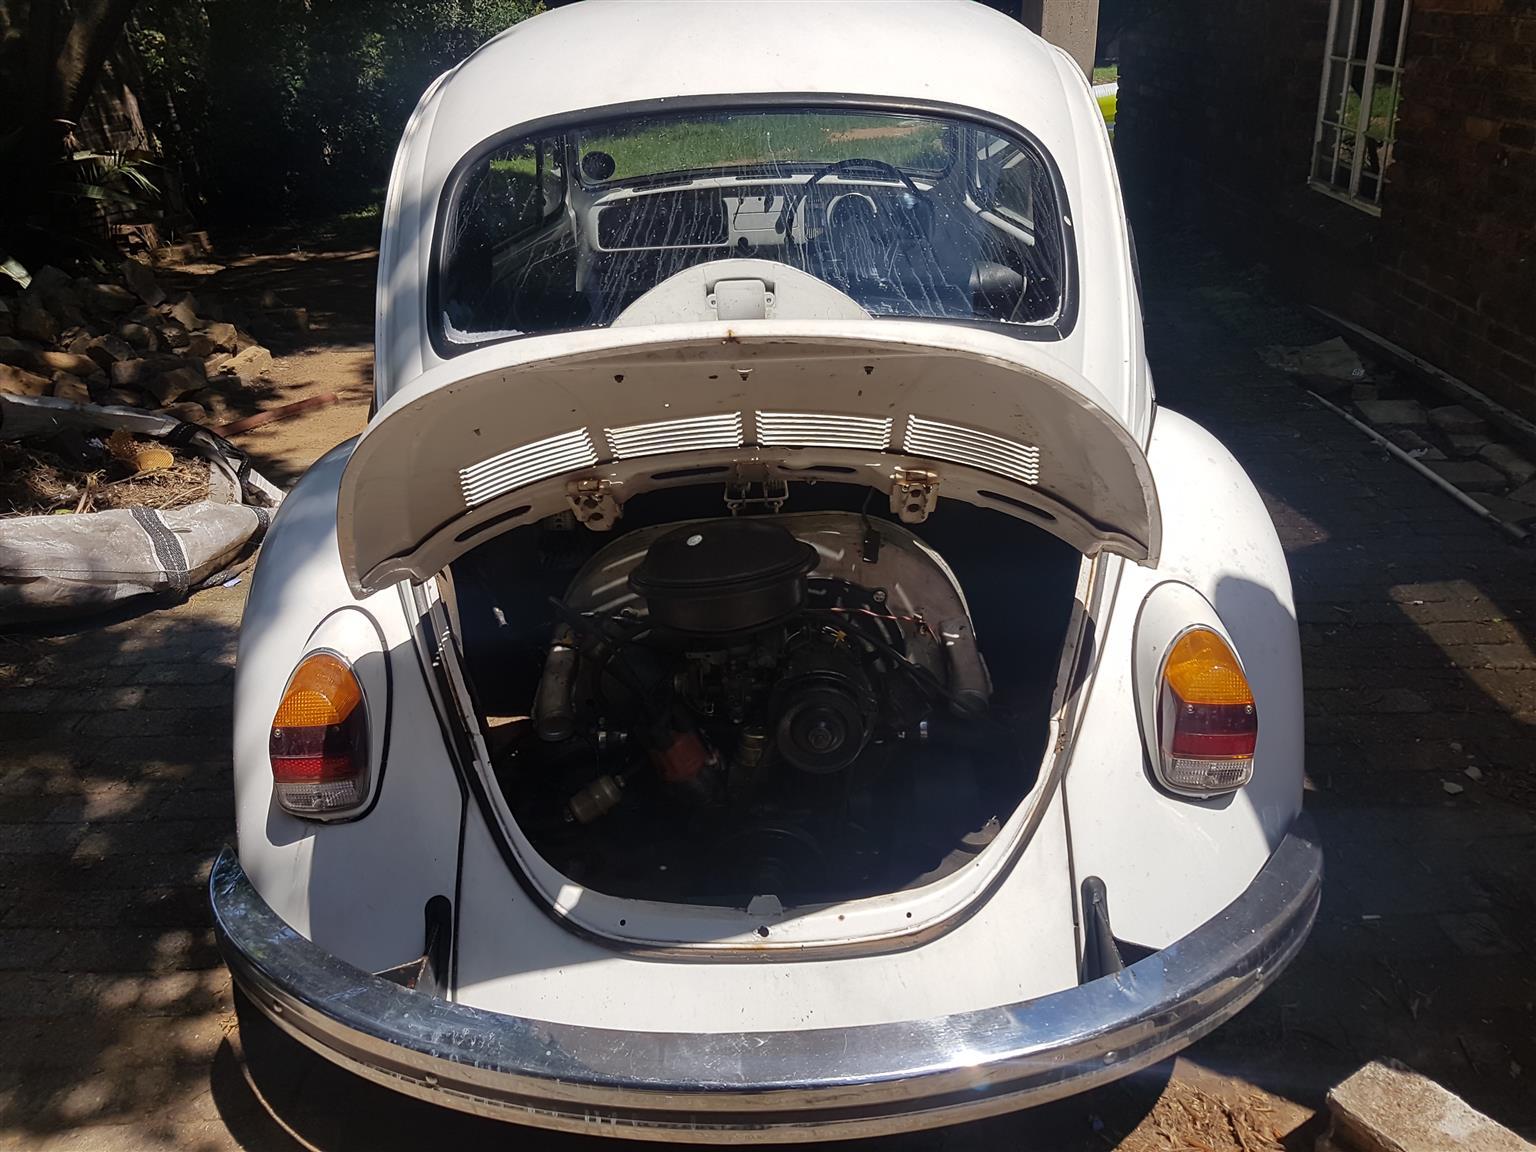 1973 Volkswagen Beetle Parts ✓ Volkswagen Car